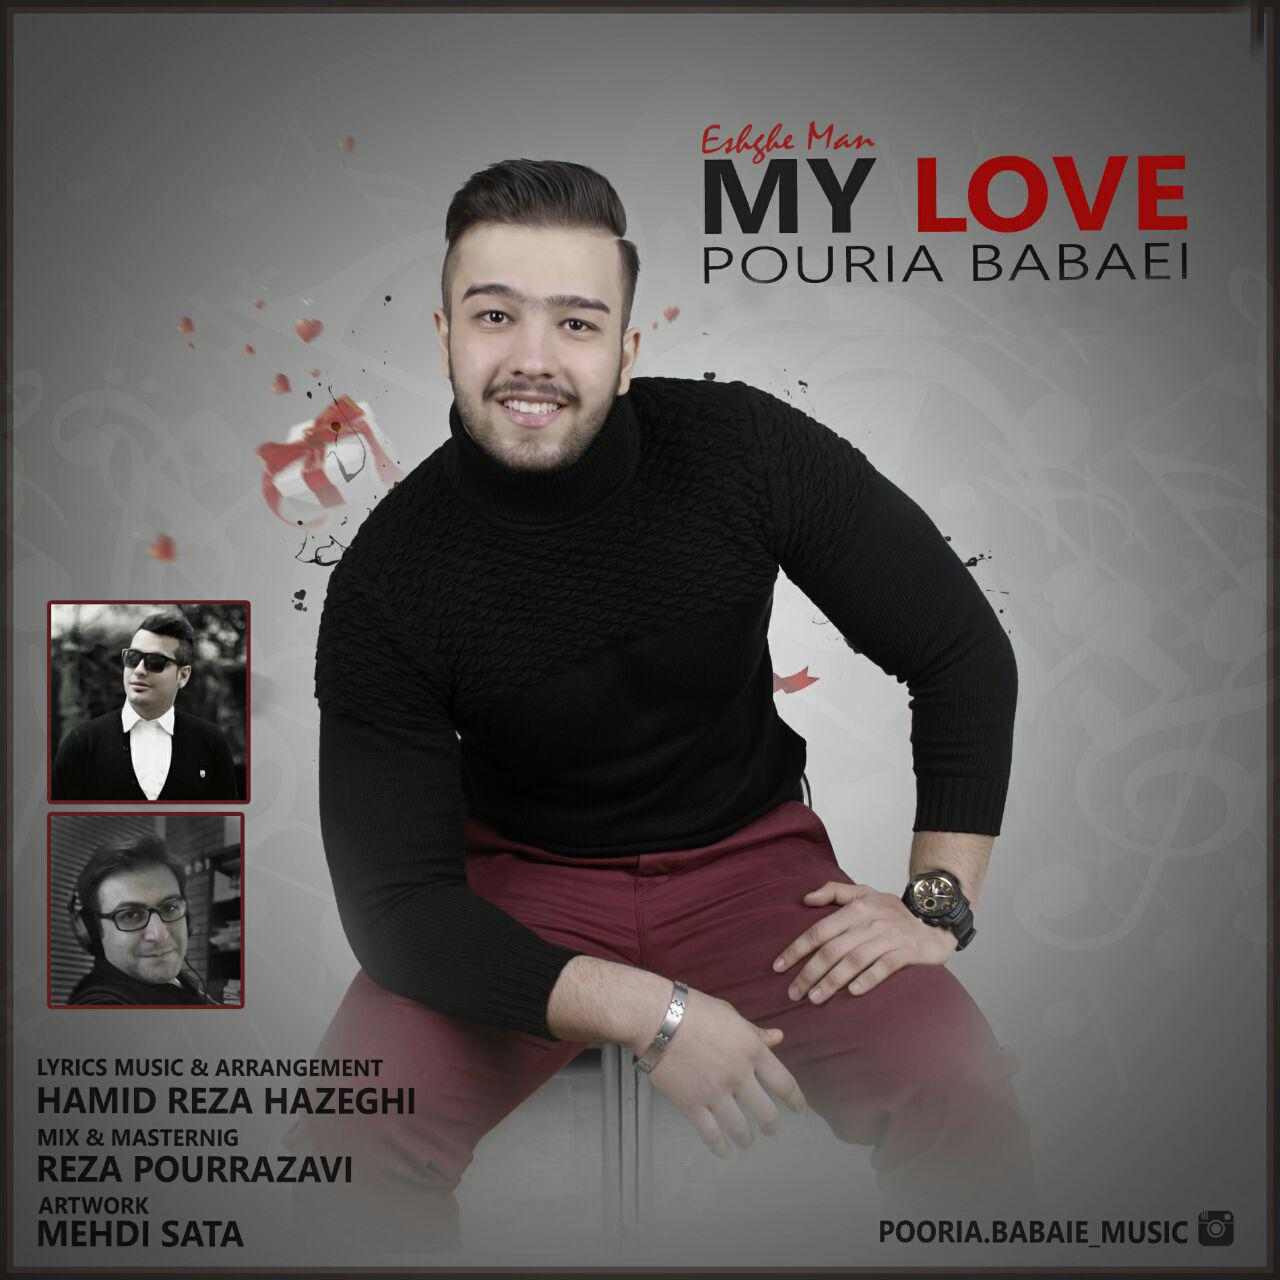 دانلود آهنگ جدید پوریا پابایی به نام عشق من